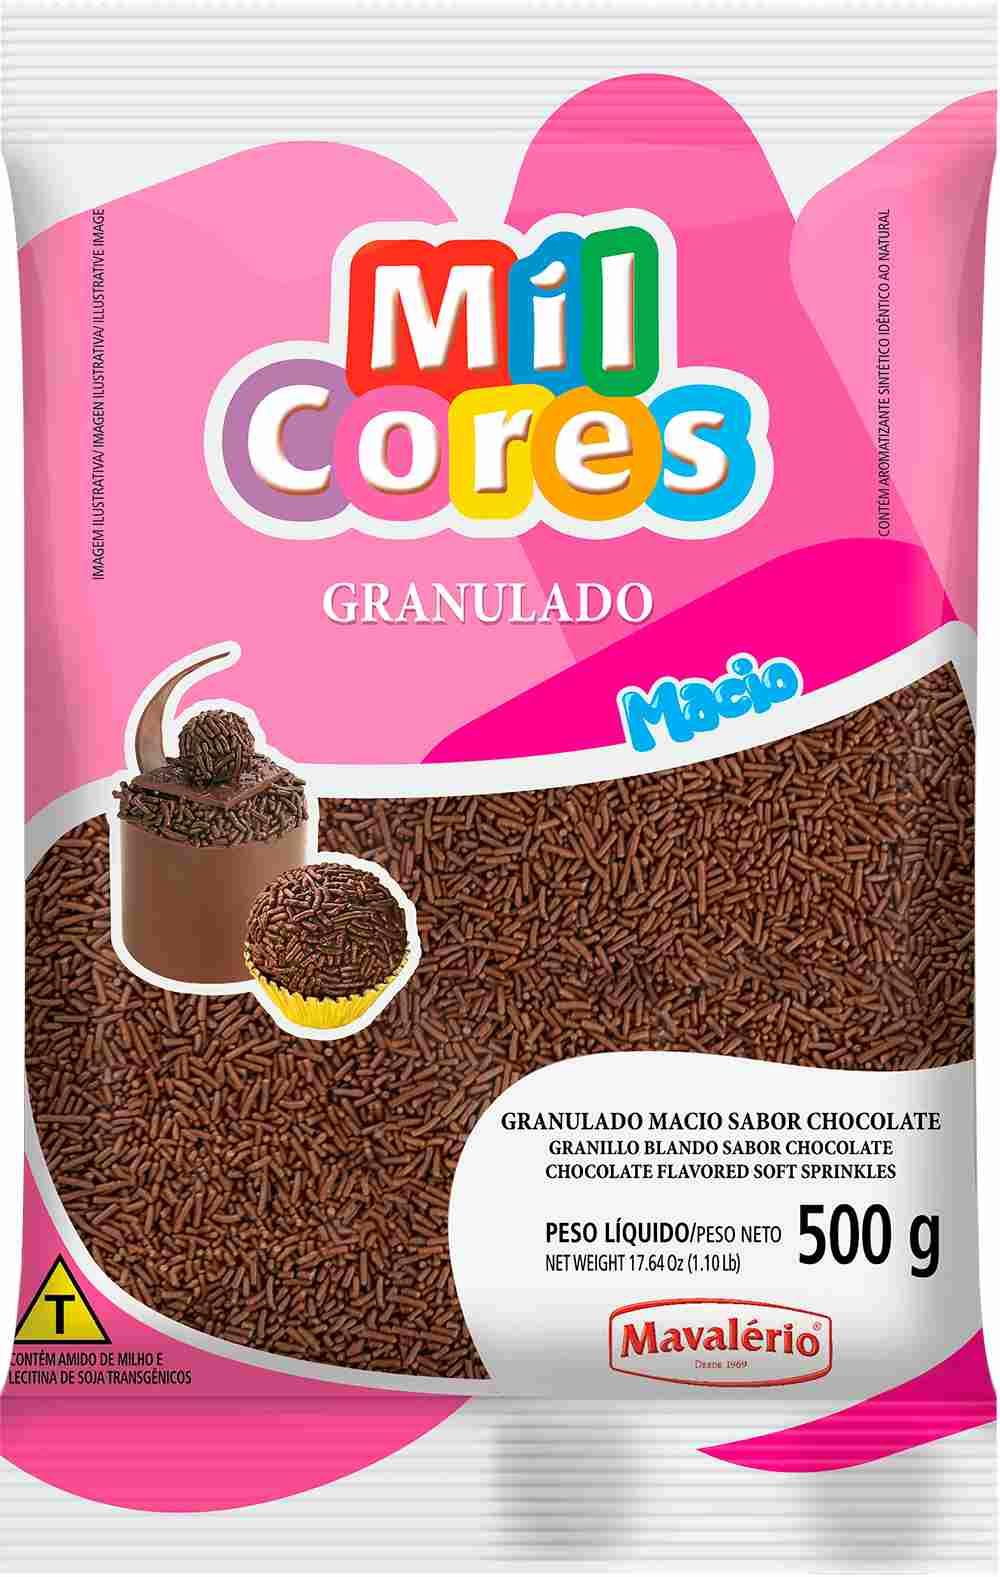 Granulado Macio sabor Chocolate Mil Cores 500g Mavalerio